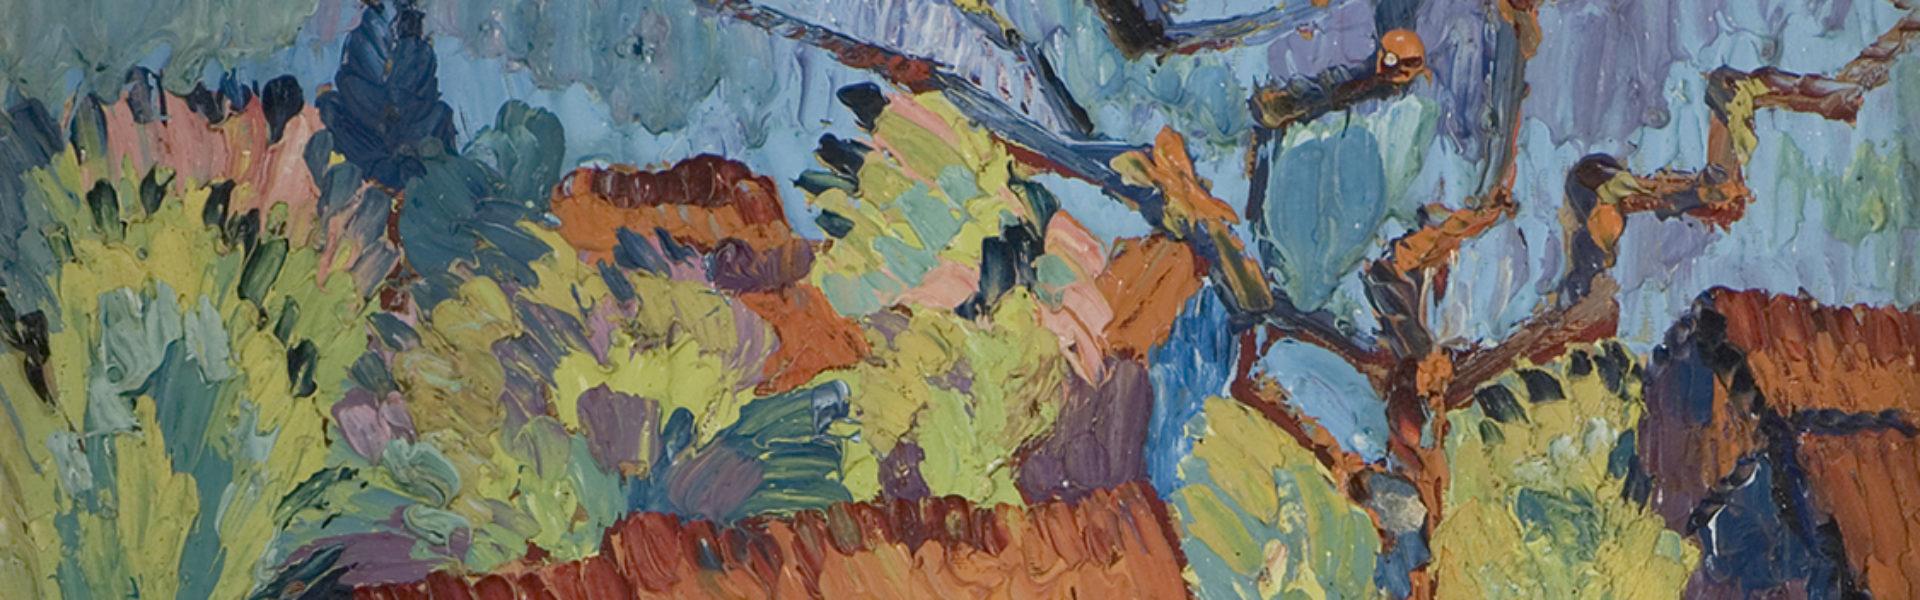 Galerie Knittel – Ihr Experte für Hans Breinlinger